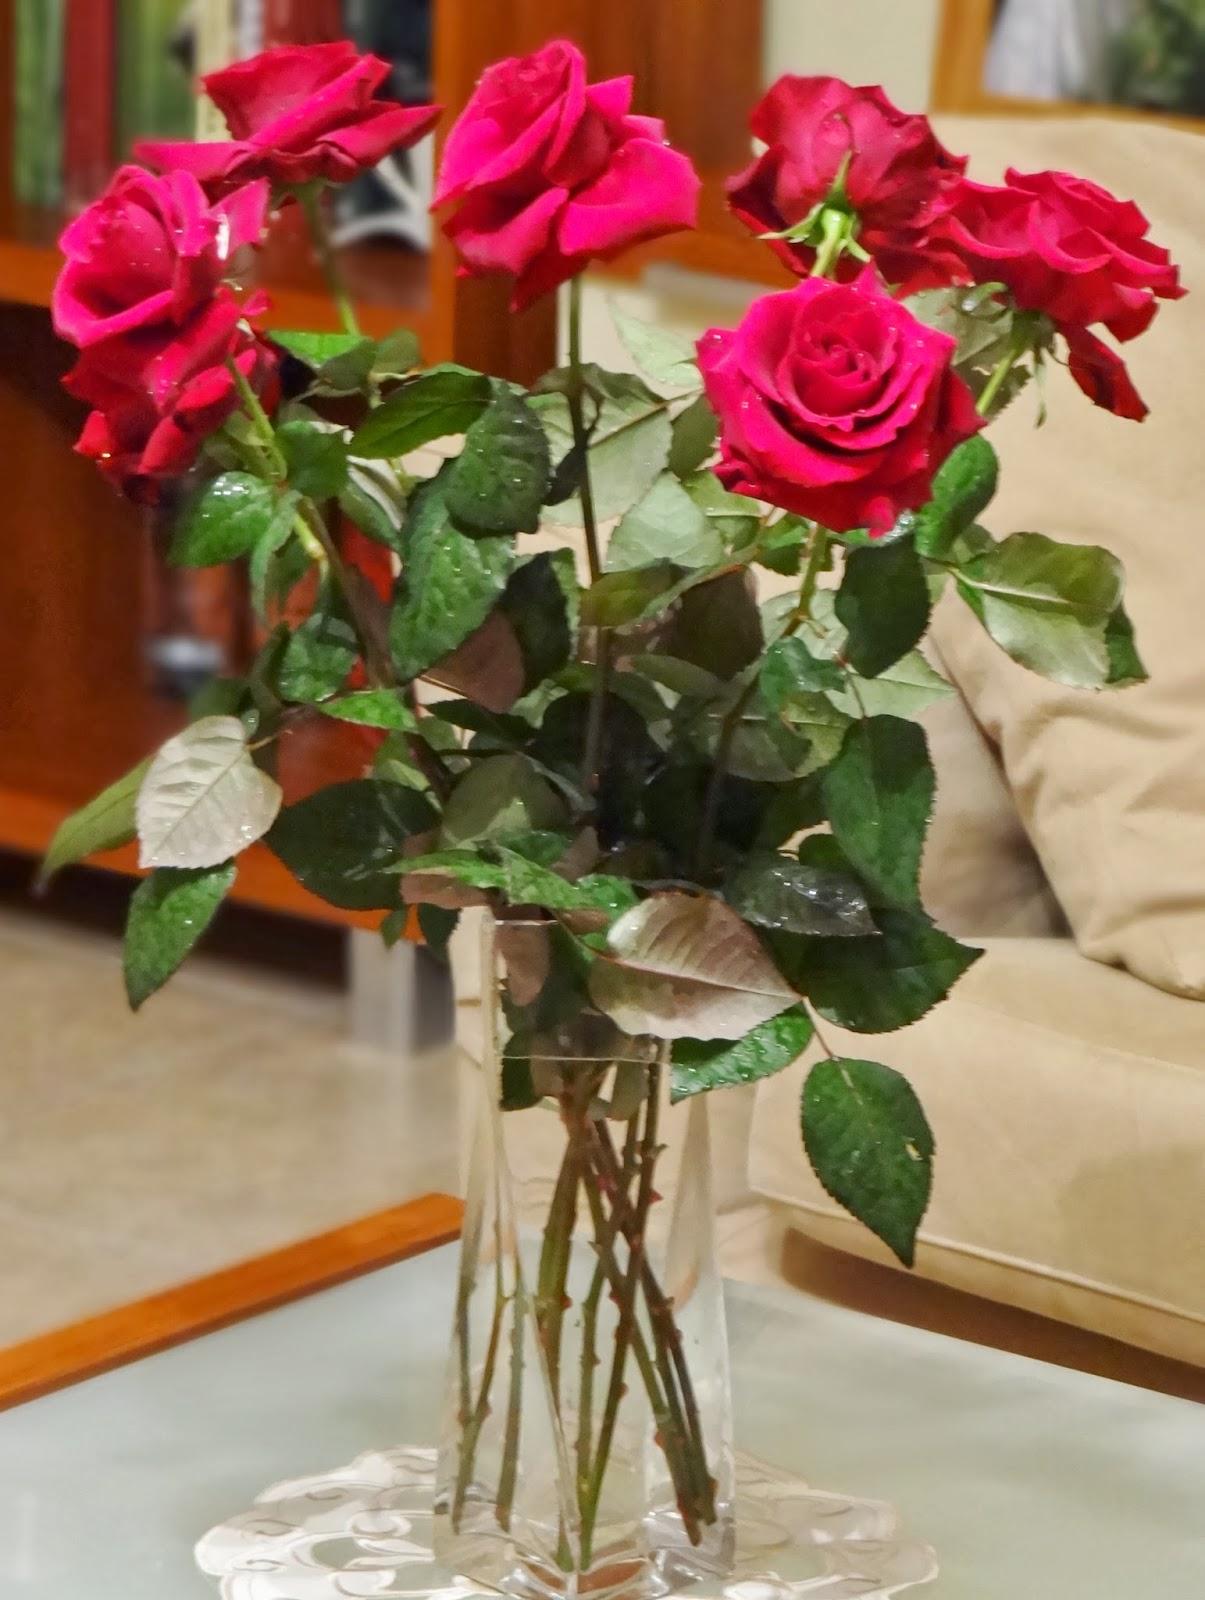 Kuchnia I Podróże Jak Dbać O Róże